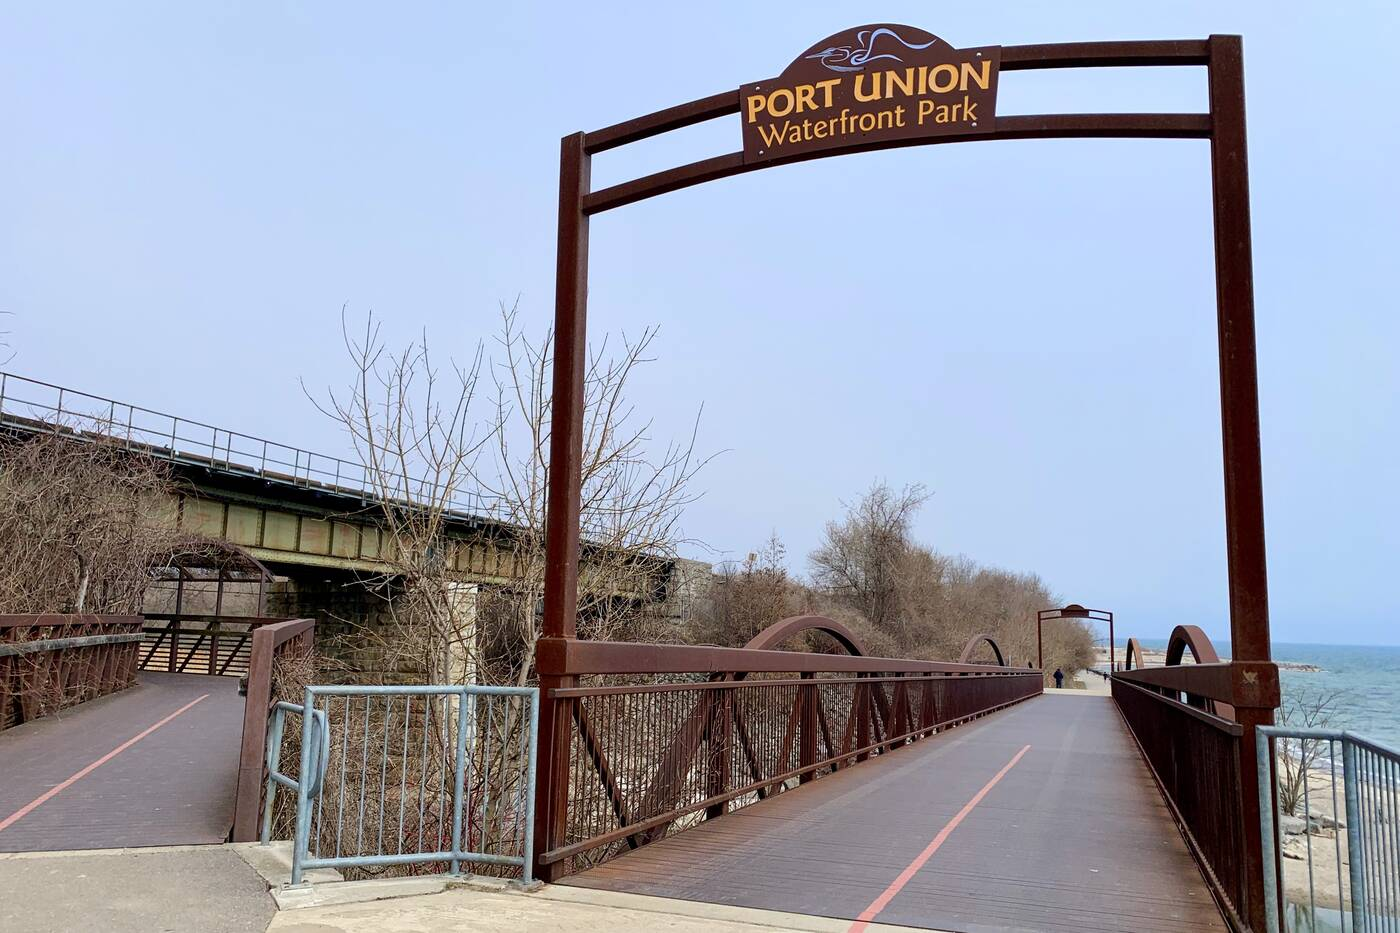 Port Union Waterfront Park